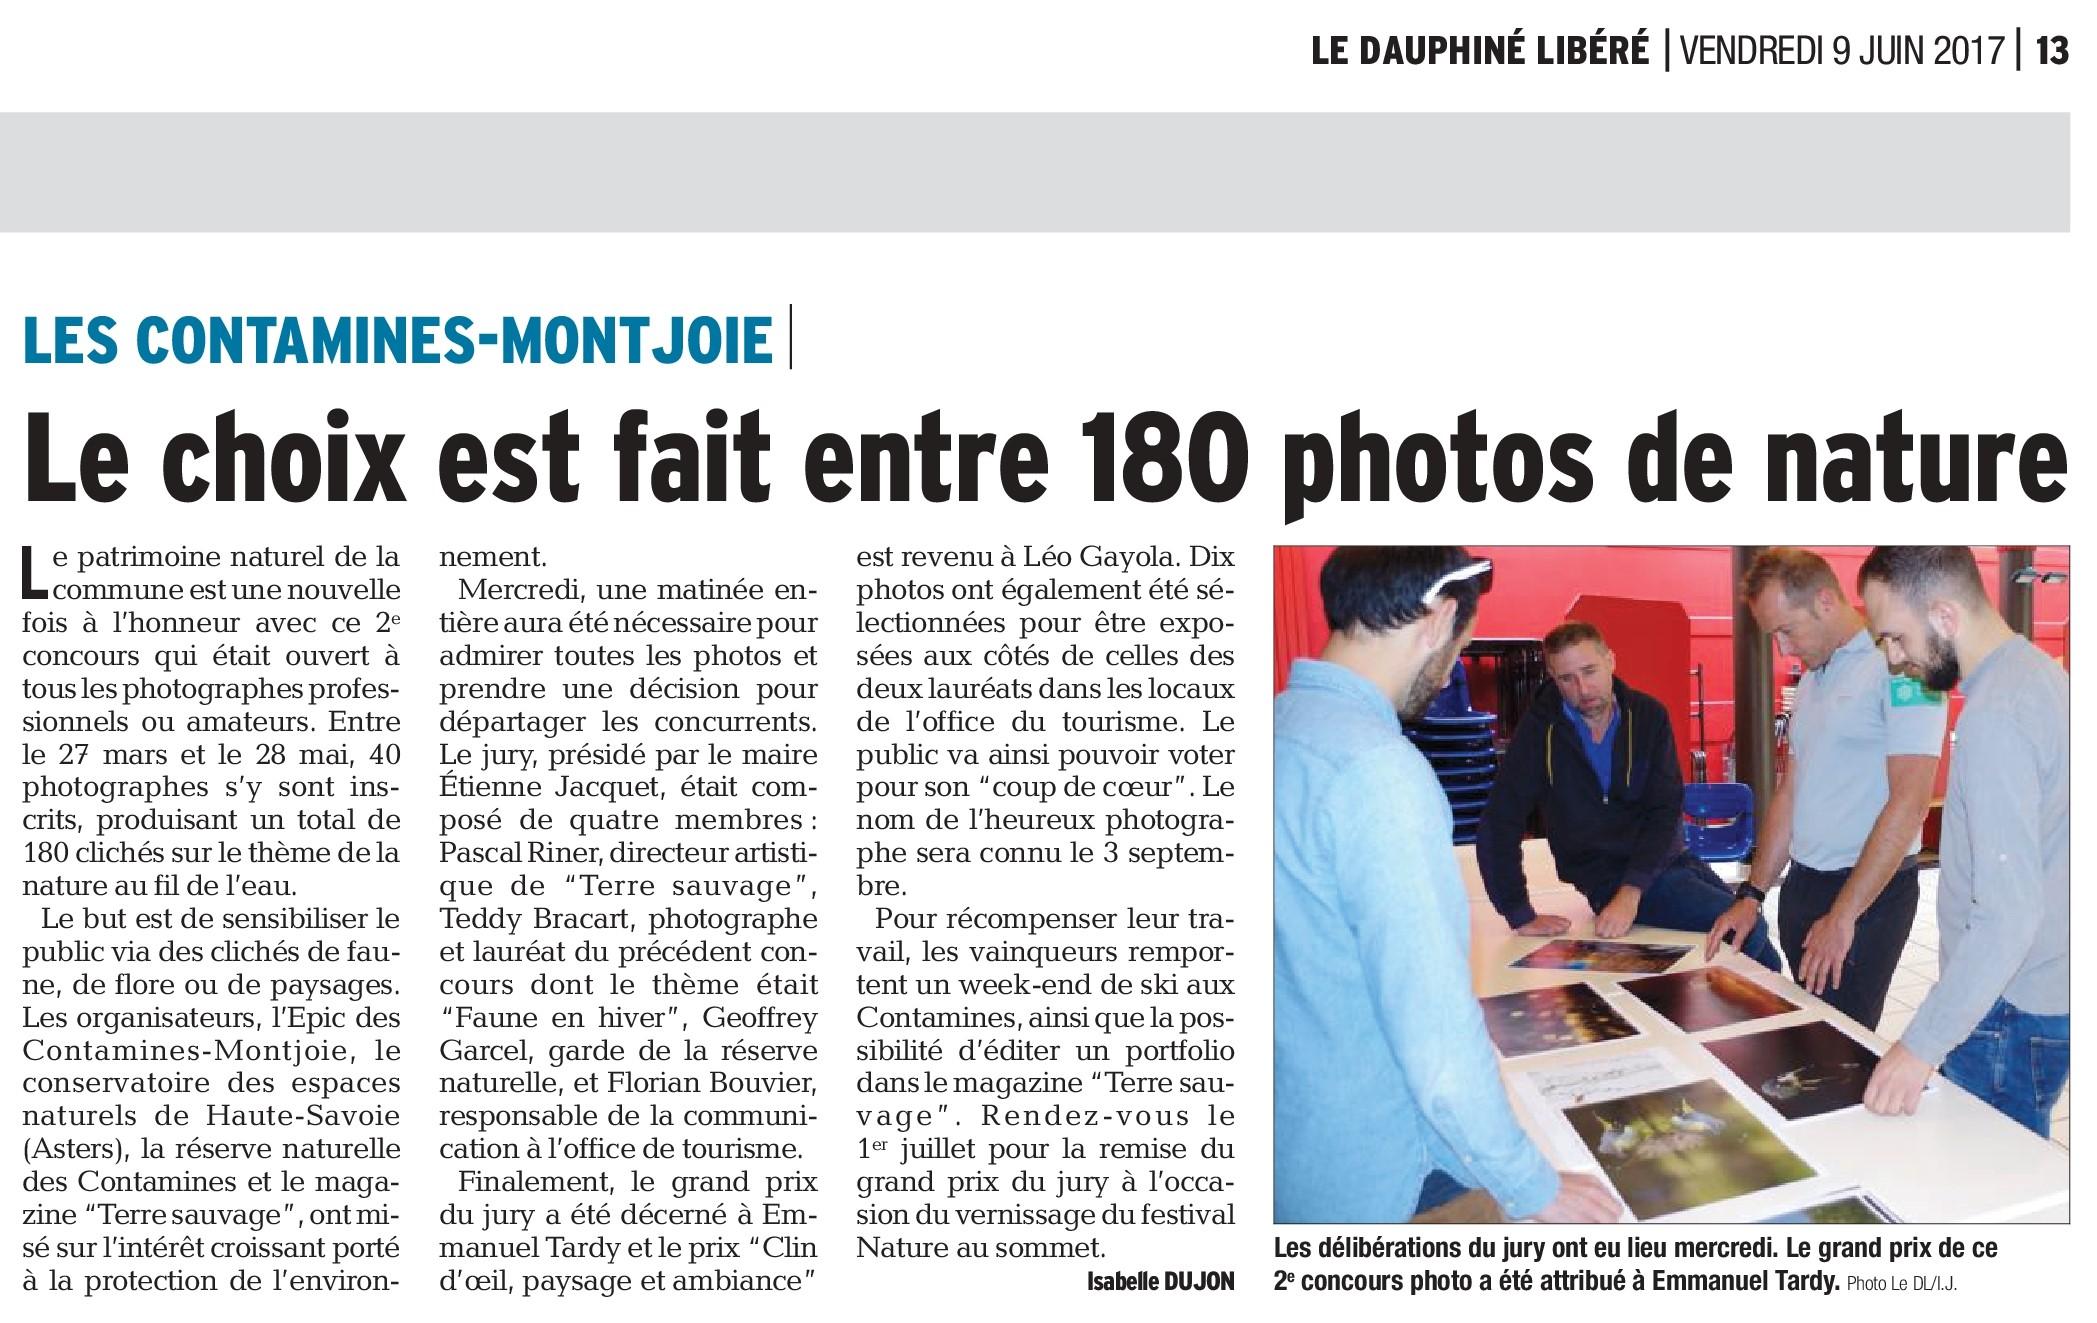 788_dl-09-06-17-concours-photos-rncm (1)